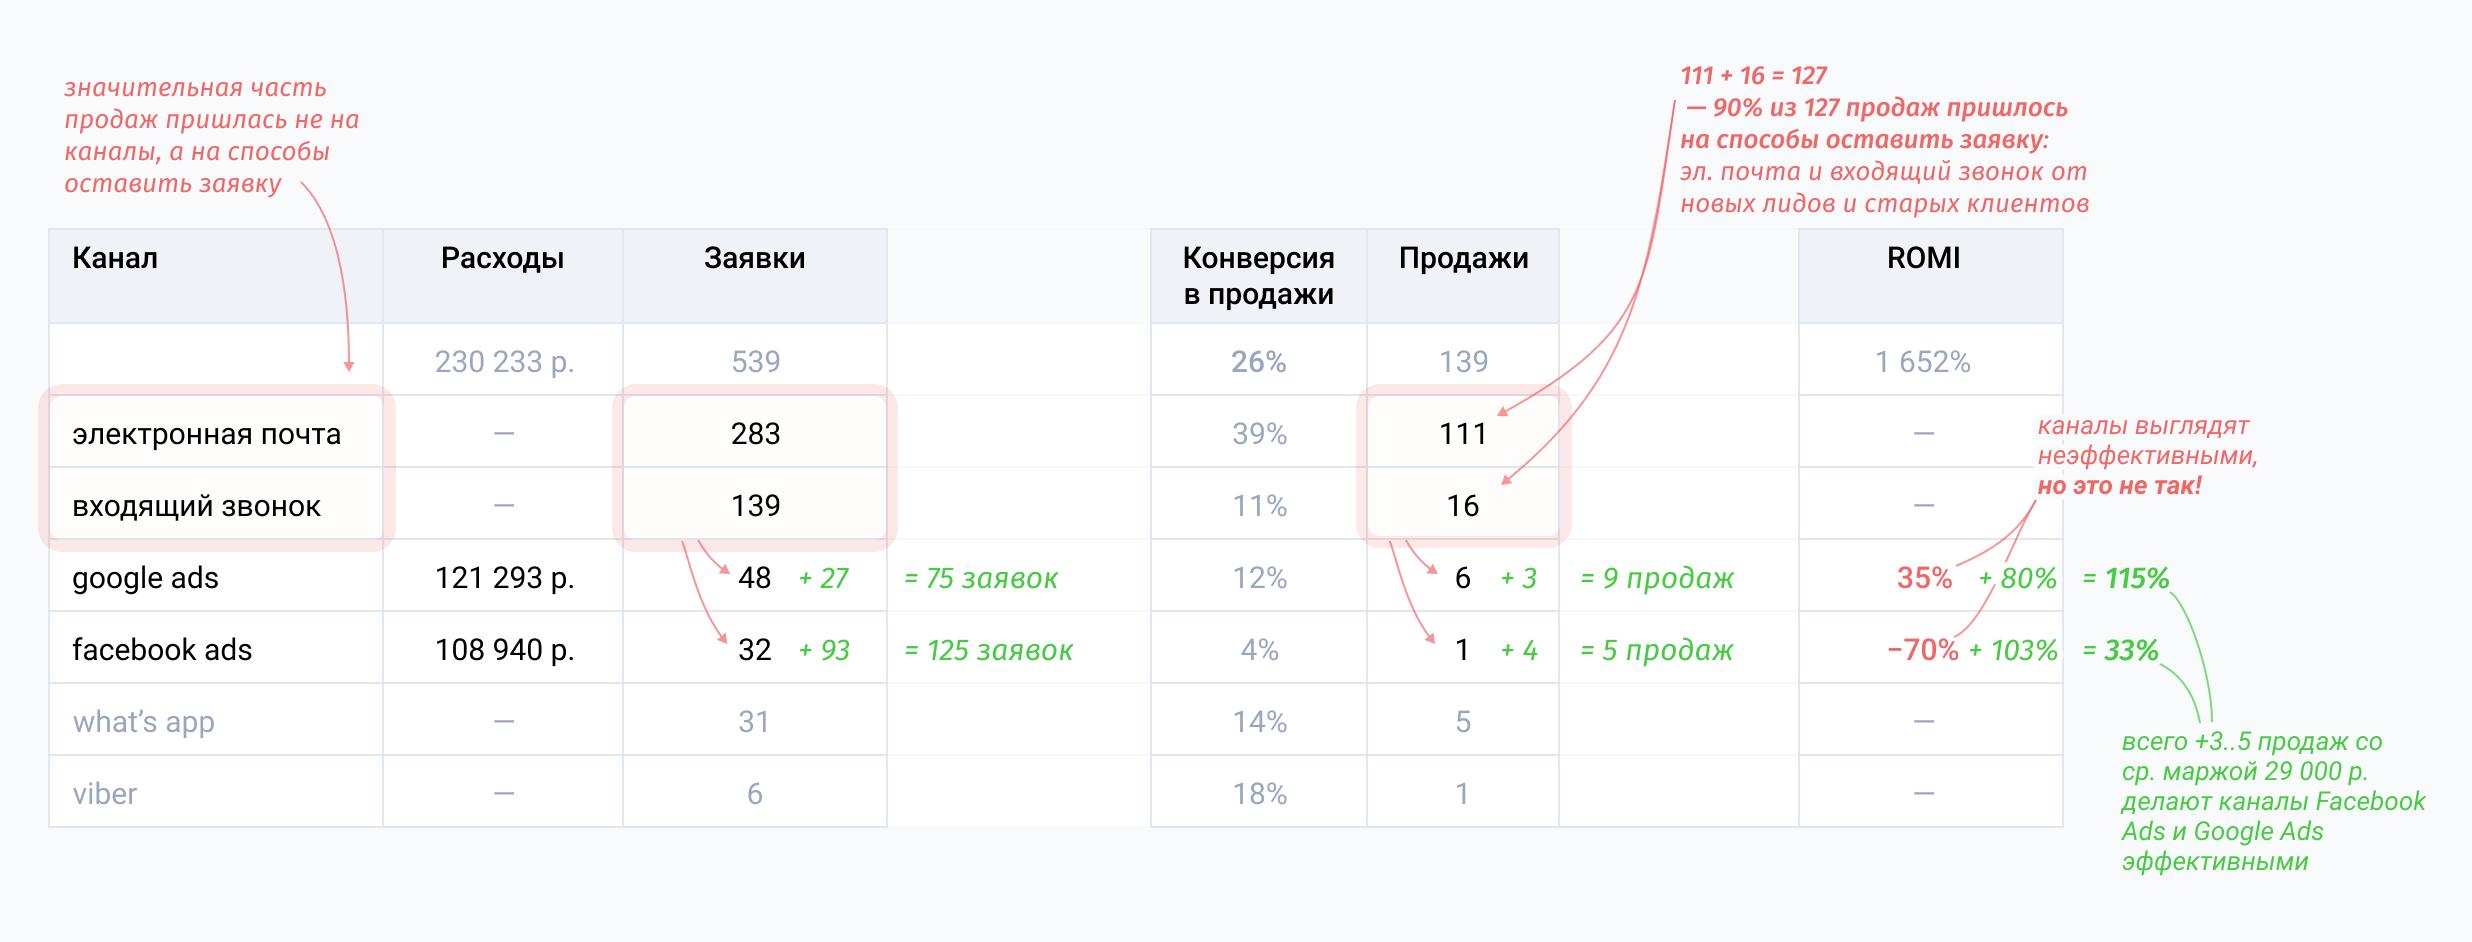 После введения Google Ads и Facebook Ads ROMI вырос на 115% и 33% соответственно